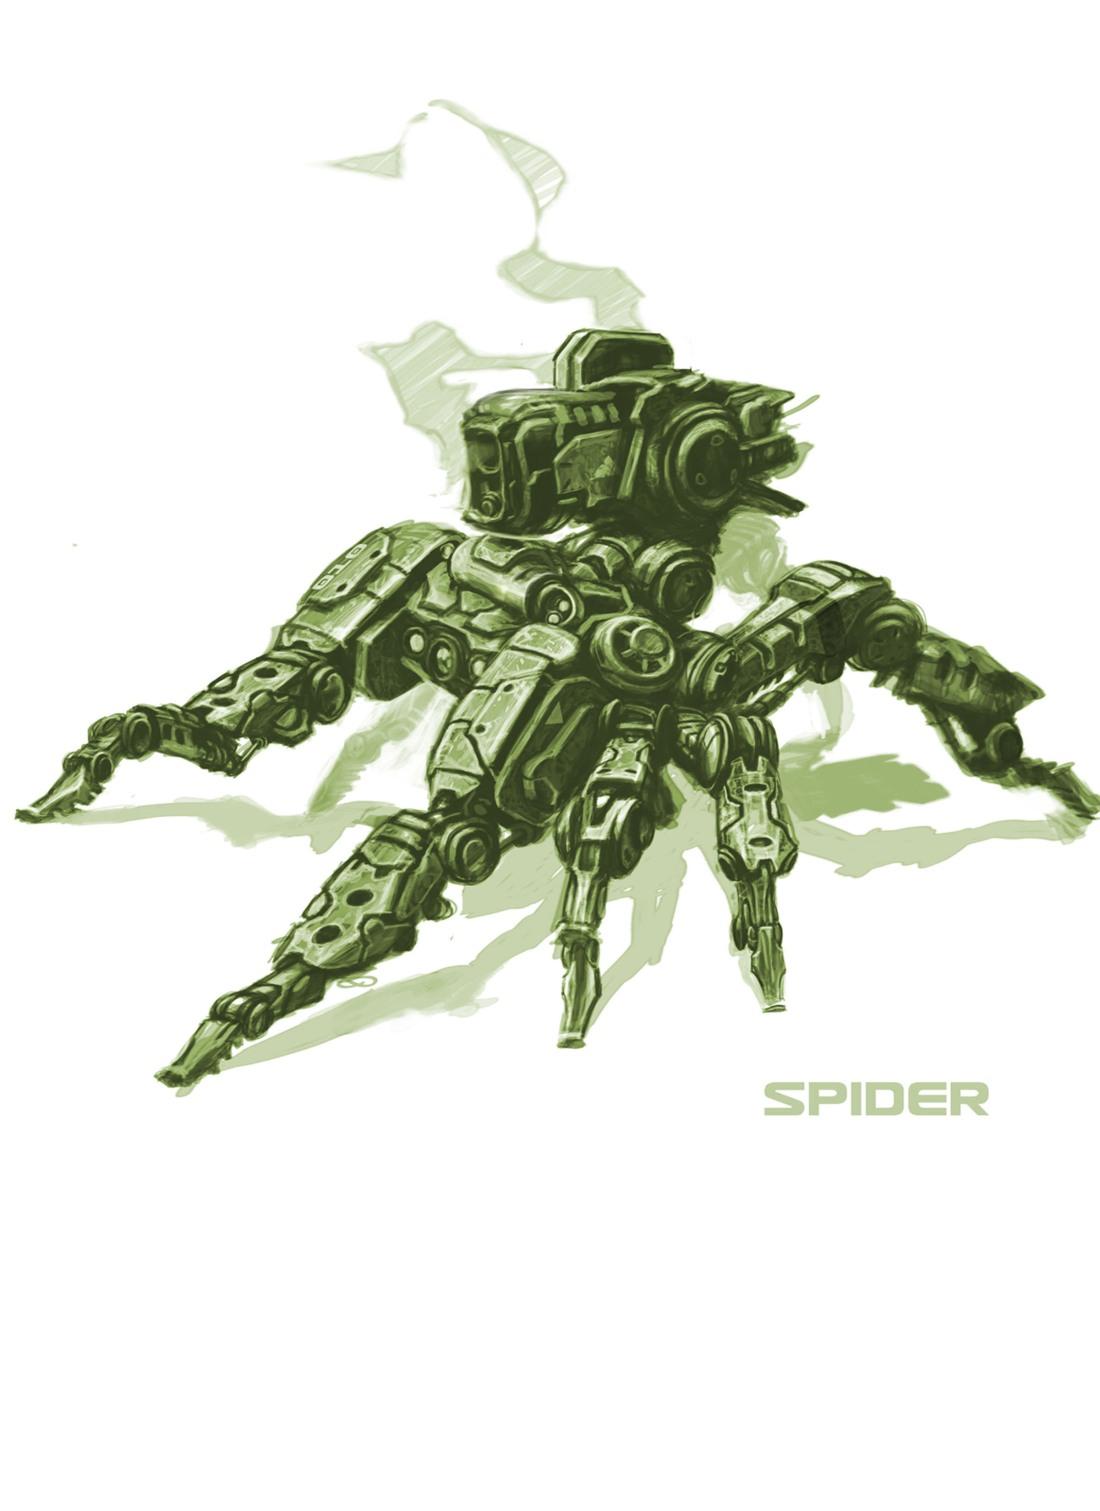 Gary_Freeman_Concept_Art_Sketch_Mech_Spider